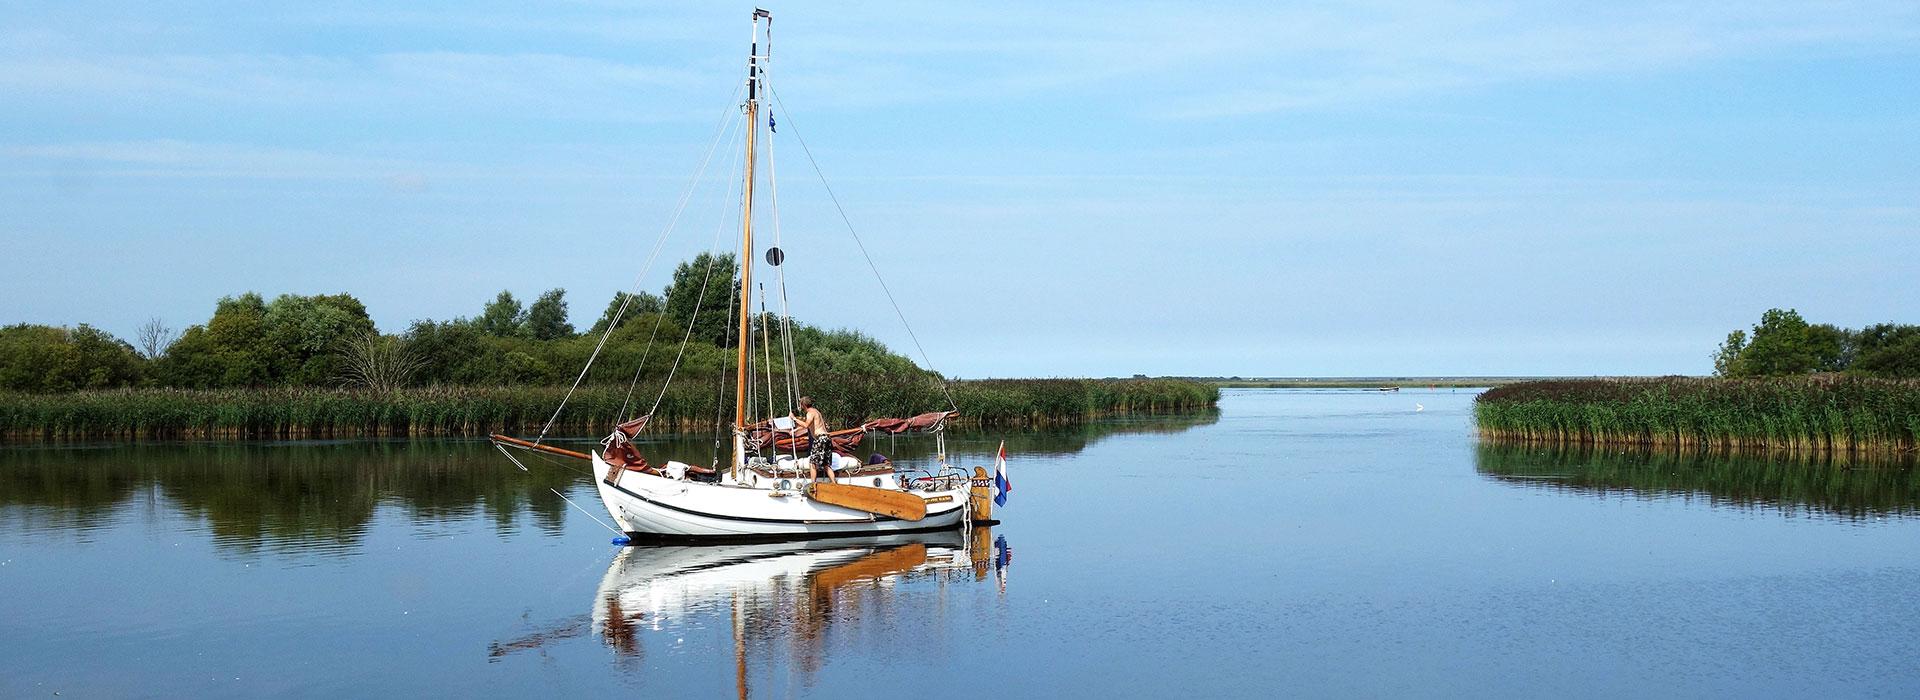 Lauwersoog-bezoeken-Lauwersmeer-vakantie-in-Friesland-Ljeppershiem-vakantiepark-praamzeilen